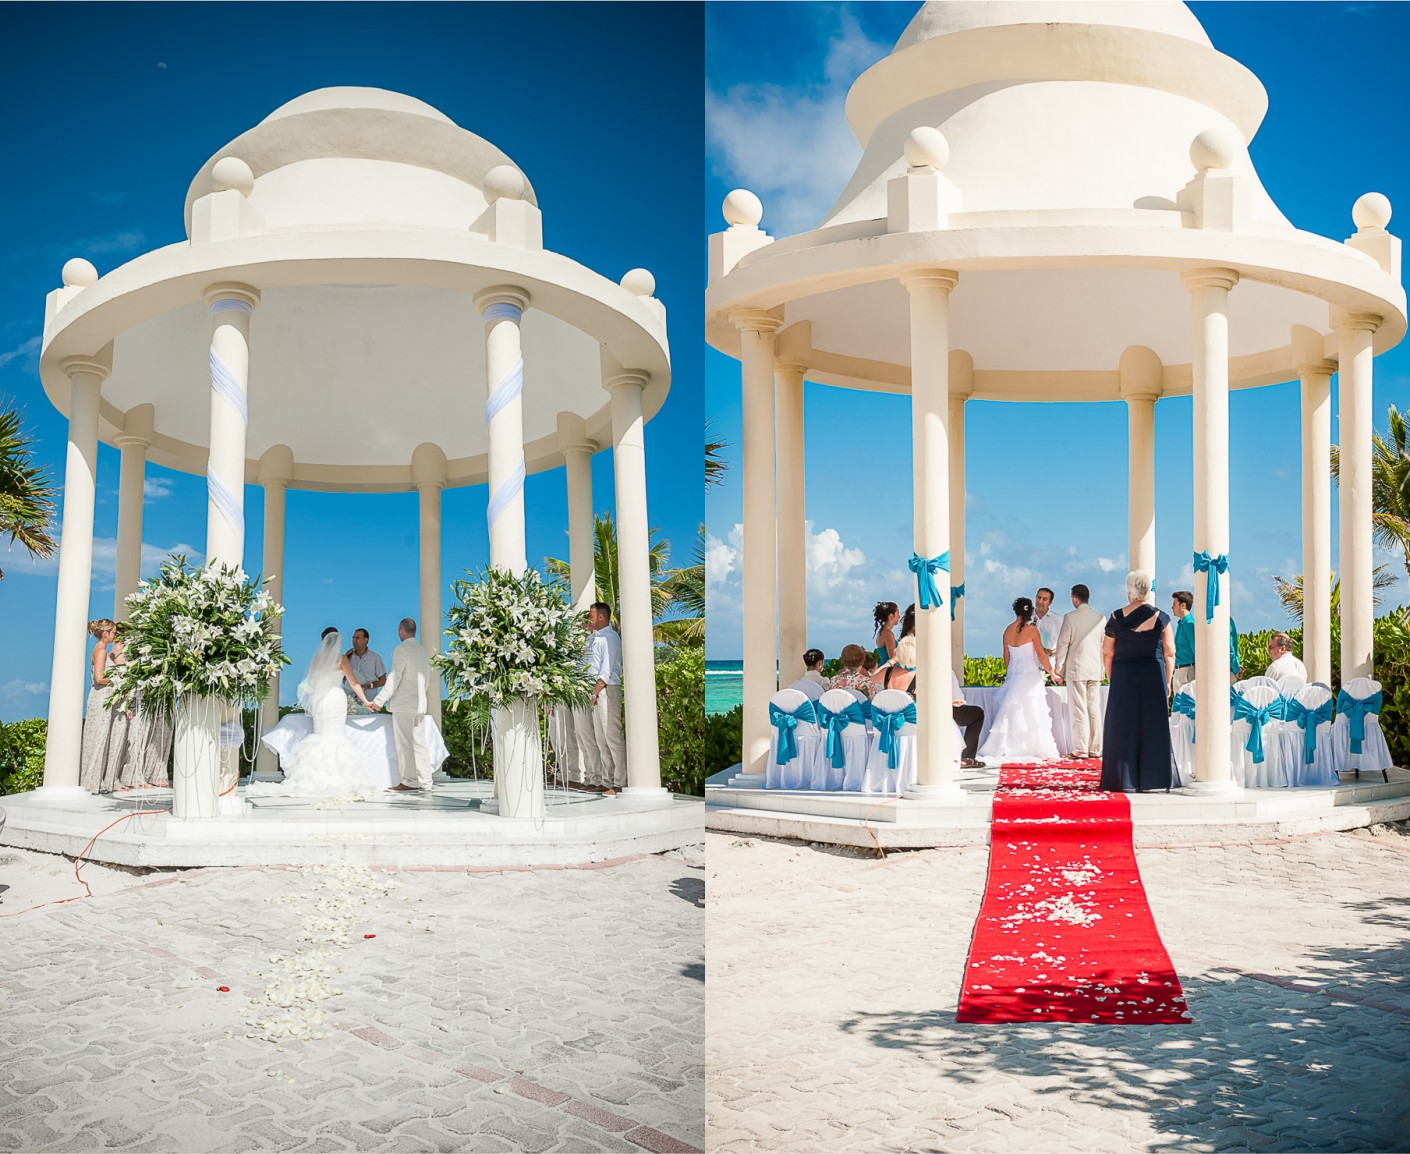 Mariage Destination : Coupoles sur la plage -, KW: Mexique